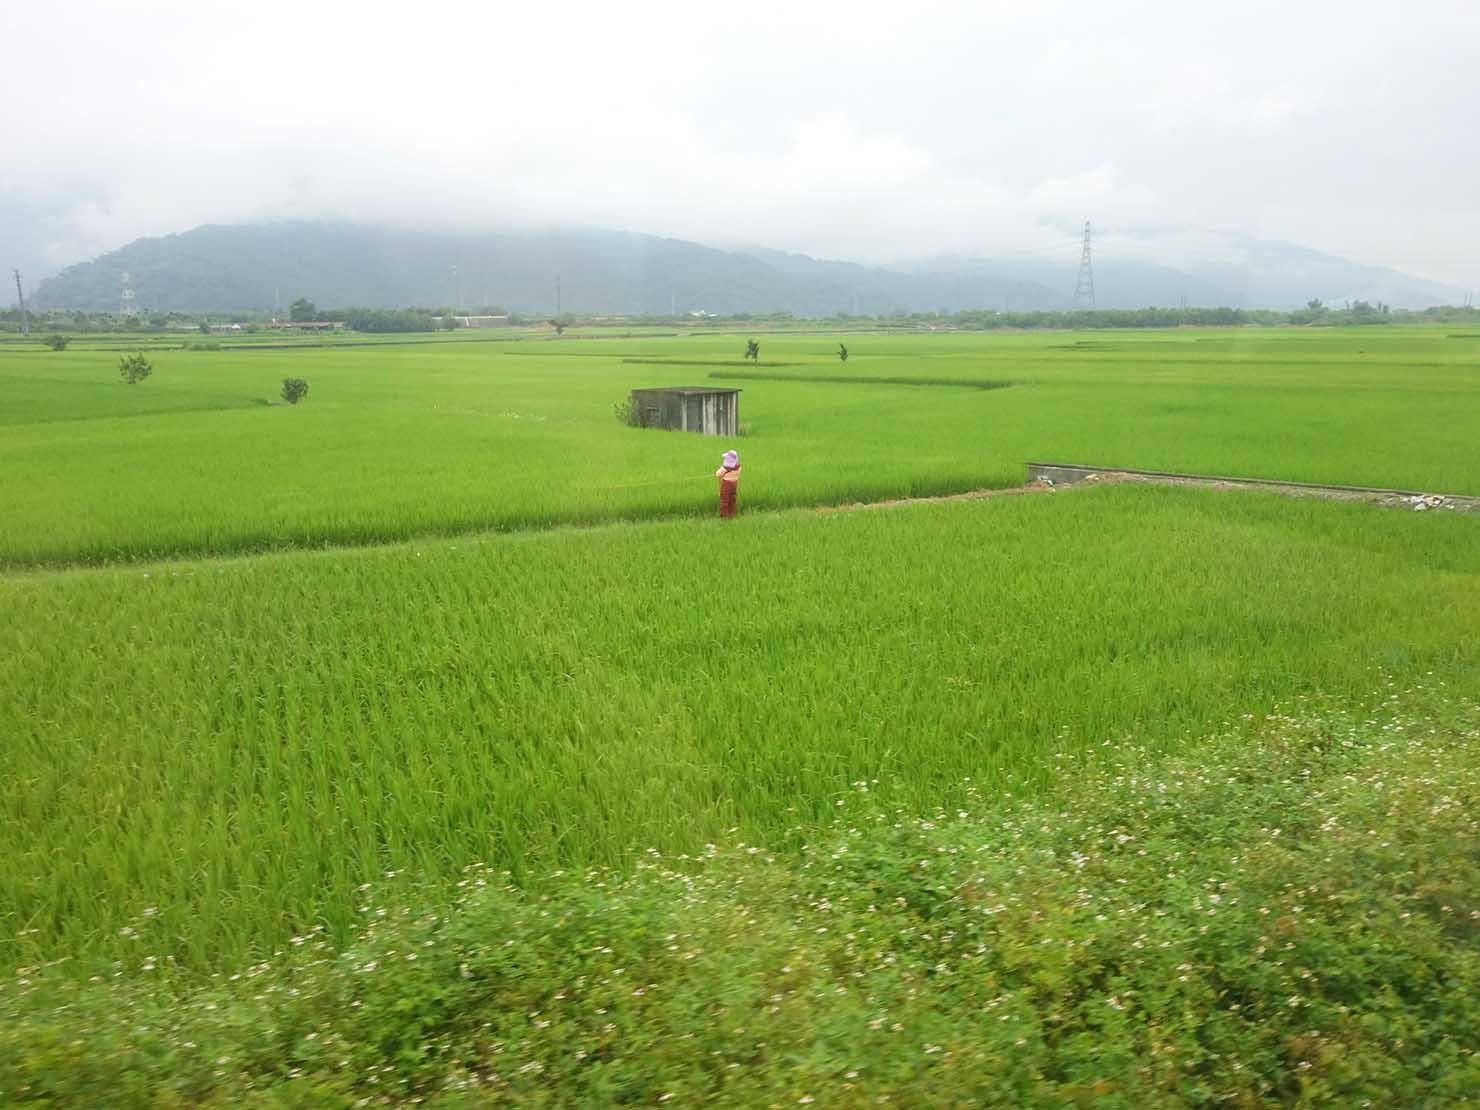 台湾鉄道の車内から見る台東の田園風景